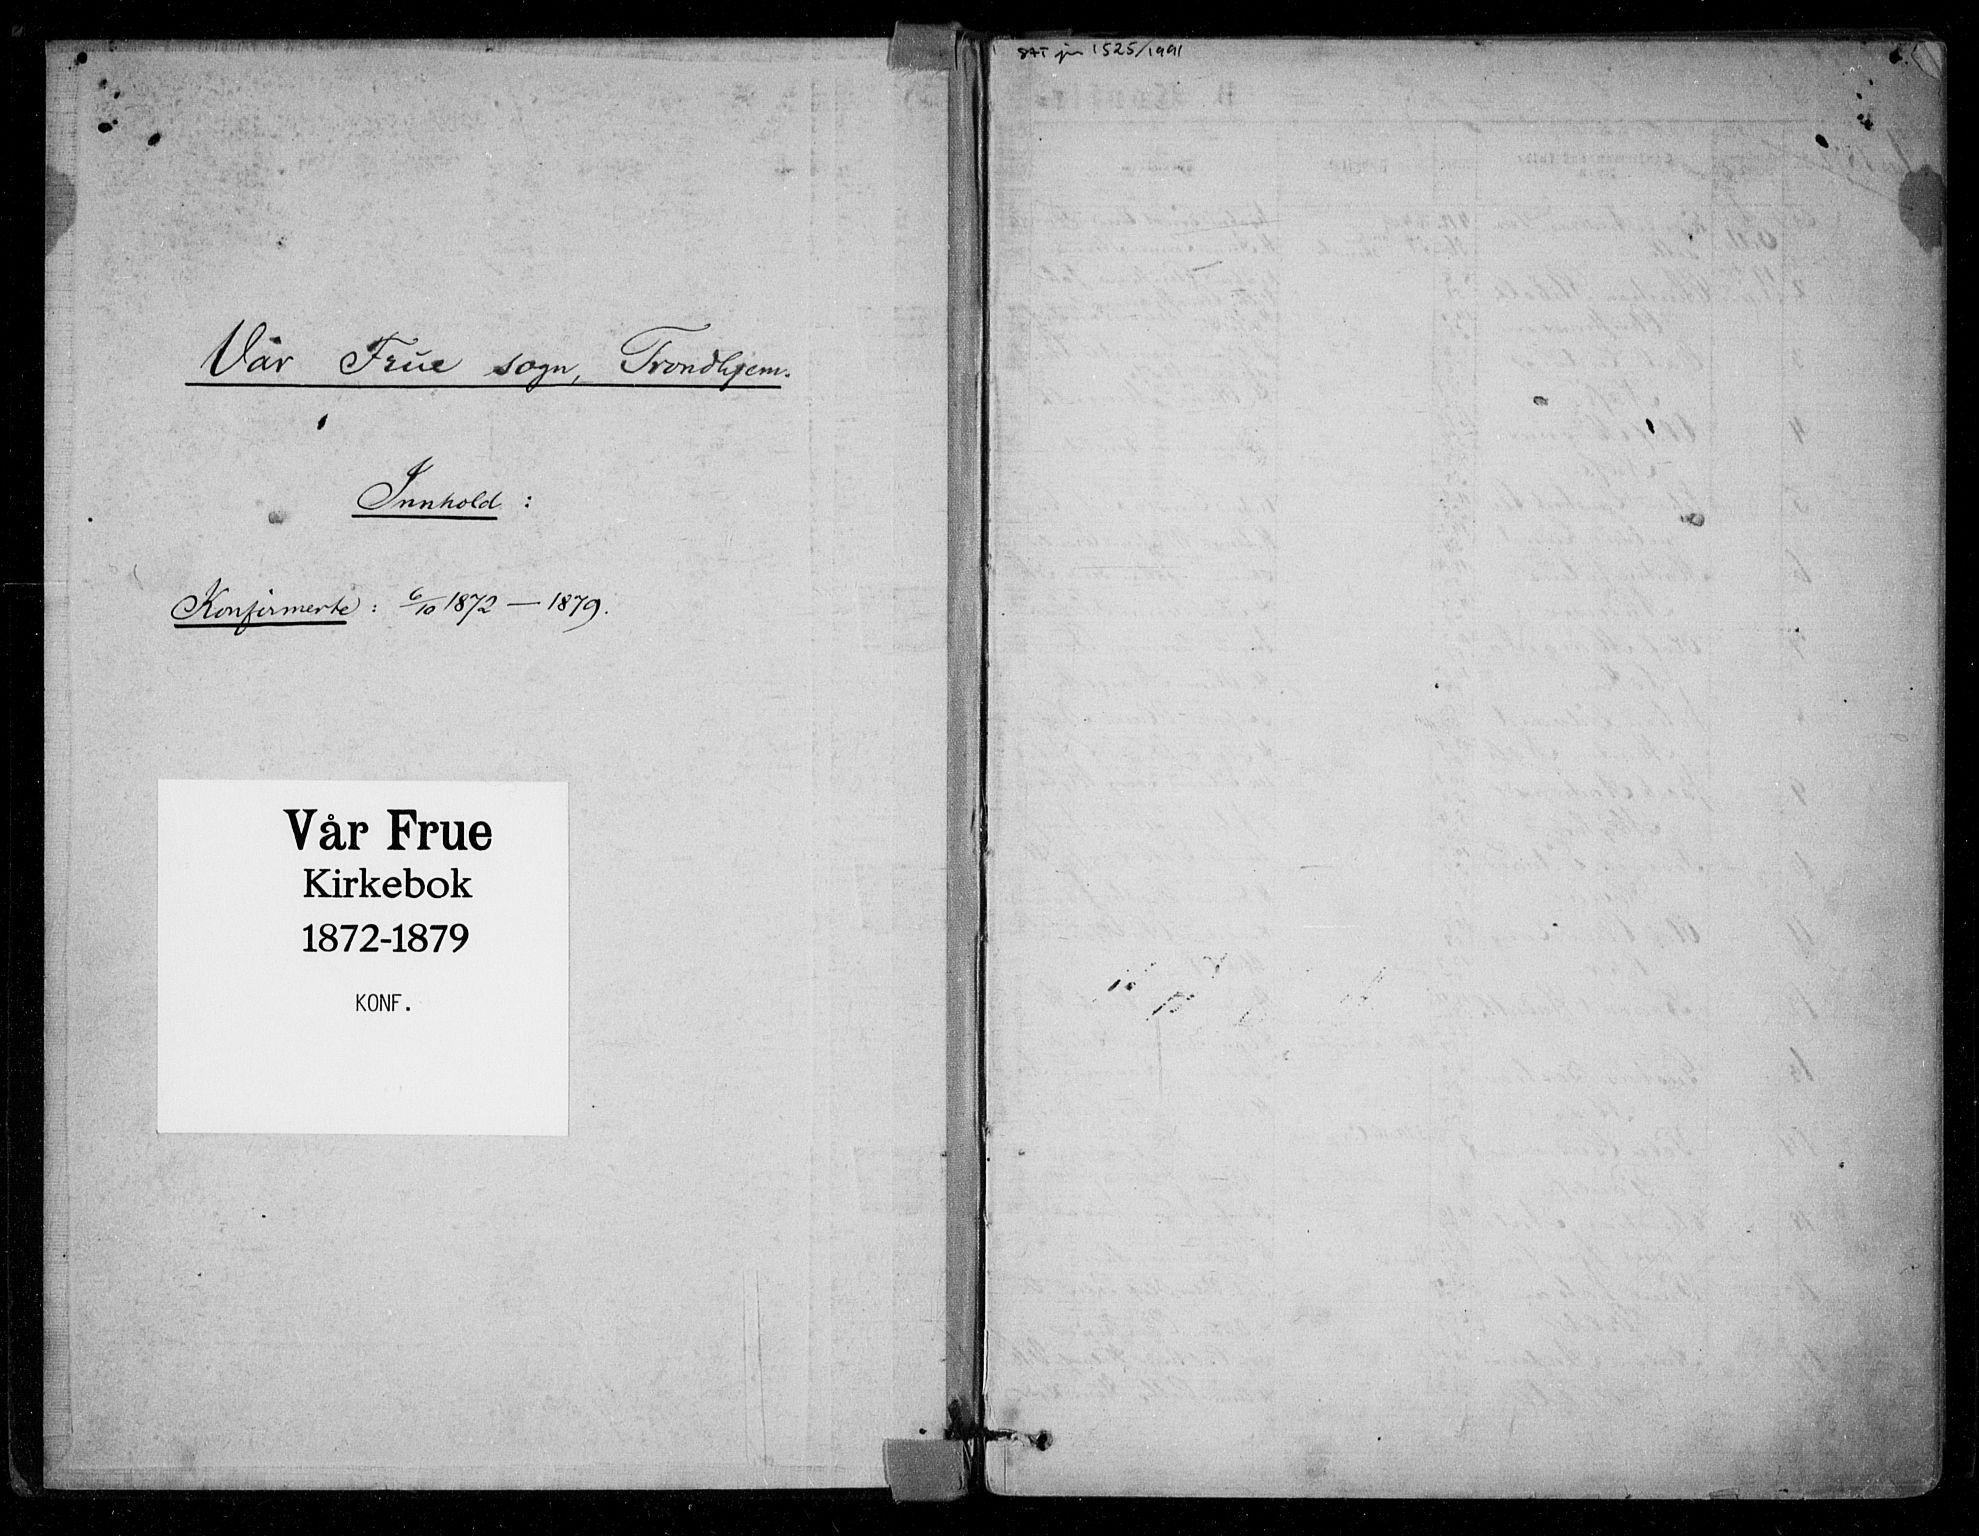 SAT, Ministerialprotokoller, klokkerbøker og fødselsregistre - Sør-Trøndelag, 602/L0121: Ministerialbok nr. 602A19, 1872-1879